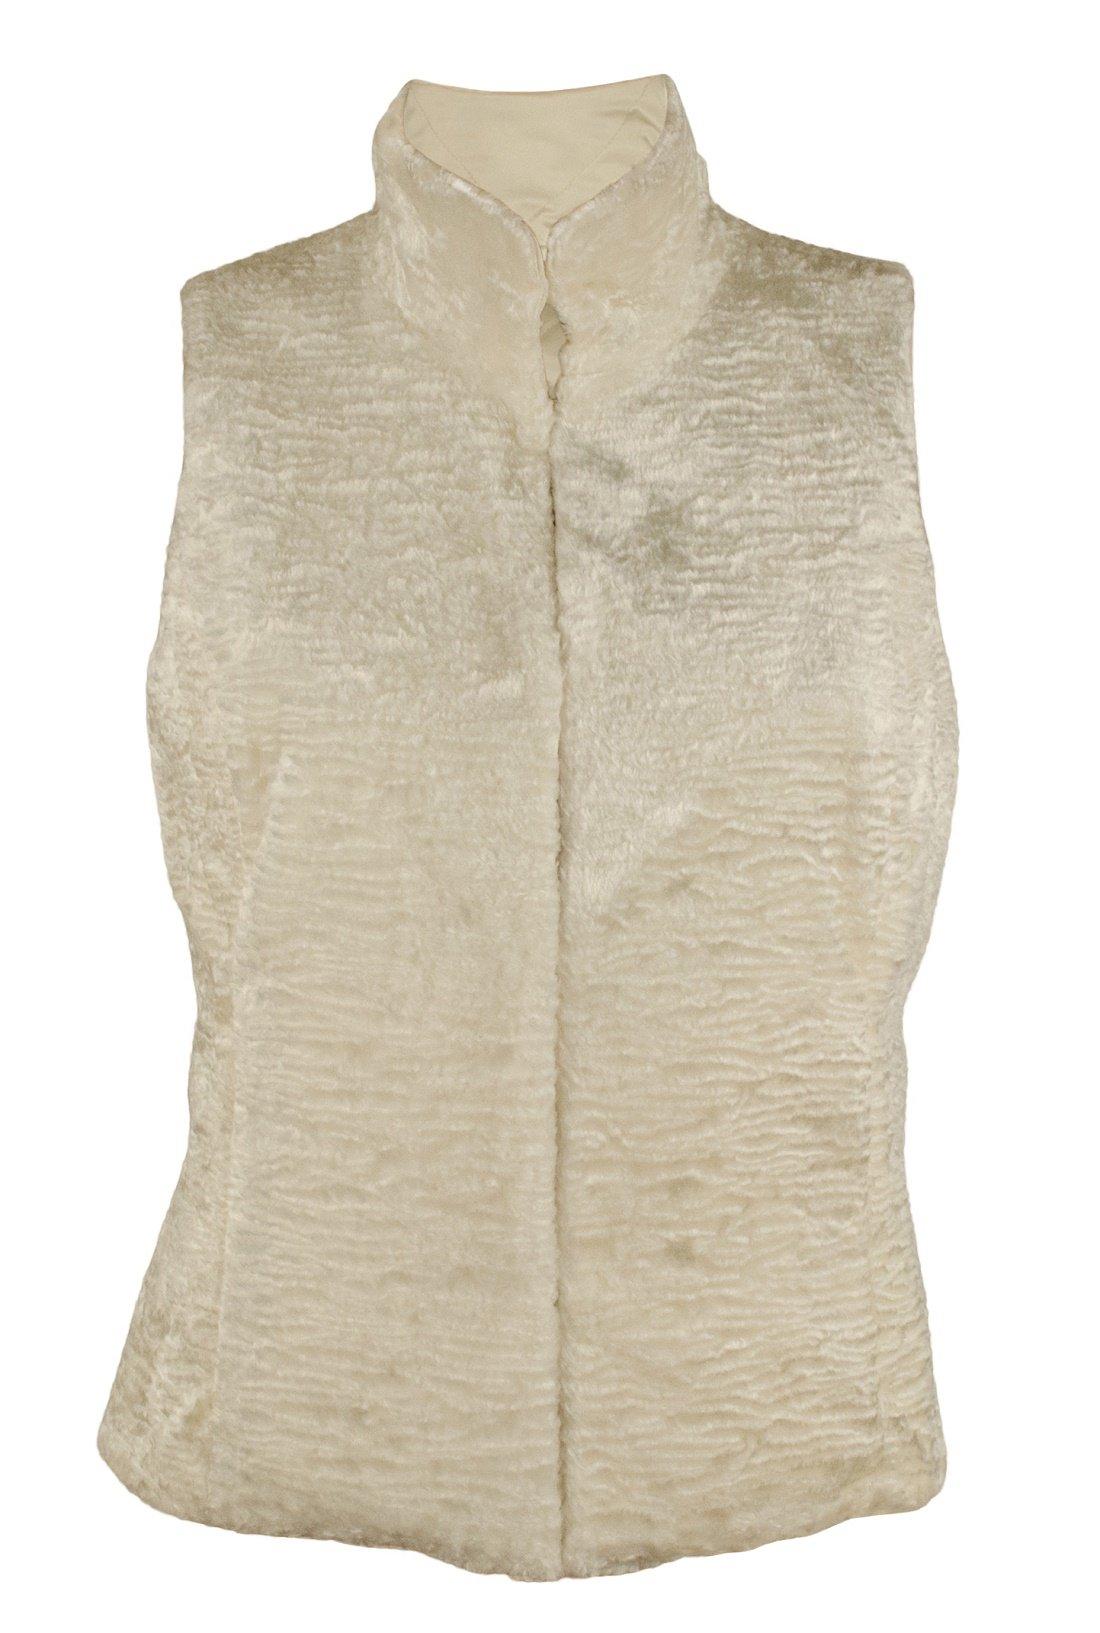 RALPH LAUREN Women's Petite Size Faux-Fur Reversible Vest-MC-PM